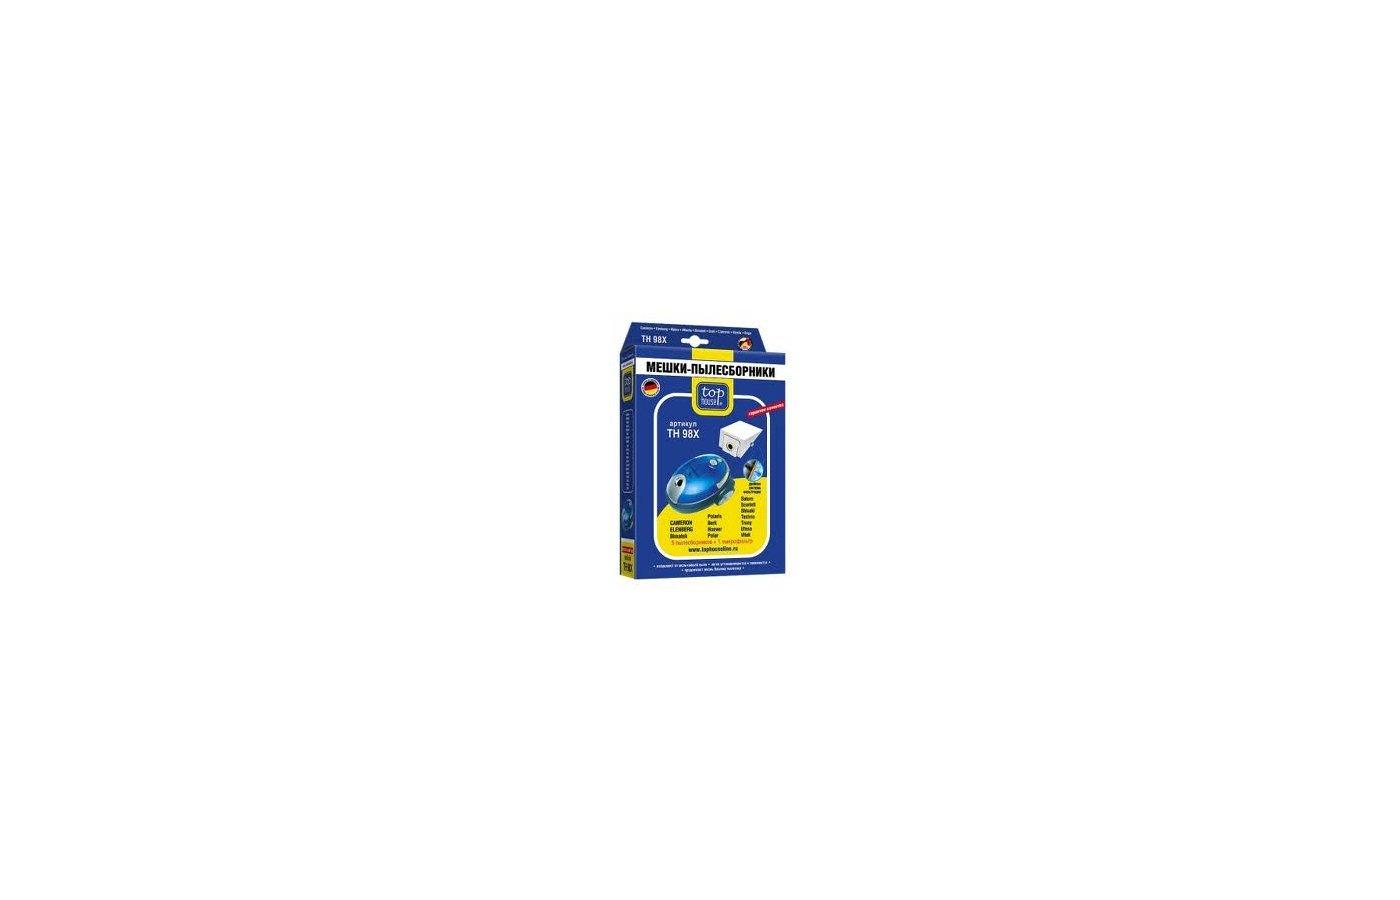 Пылесборники TOP HOUSE 64614 TH 98 X Для BORK POLARIS ... 5 шт+1 м/фильтр